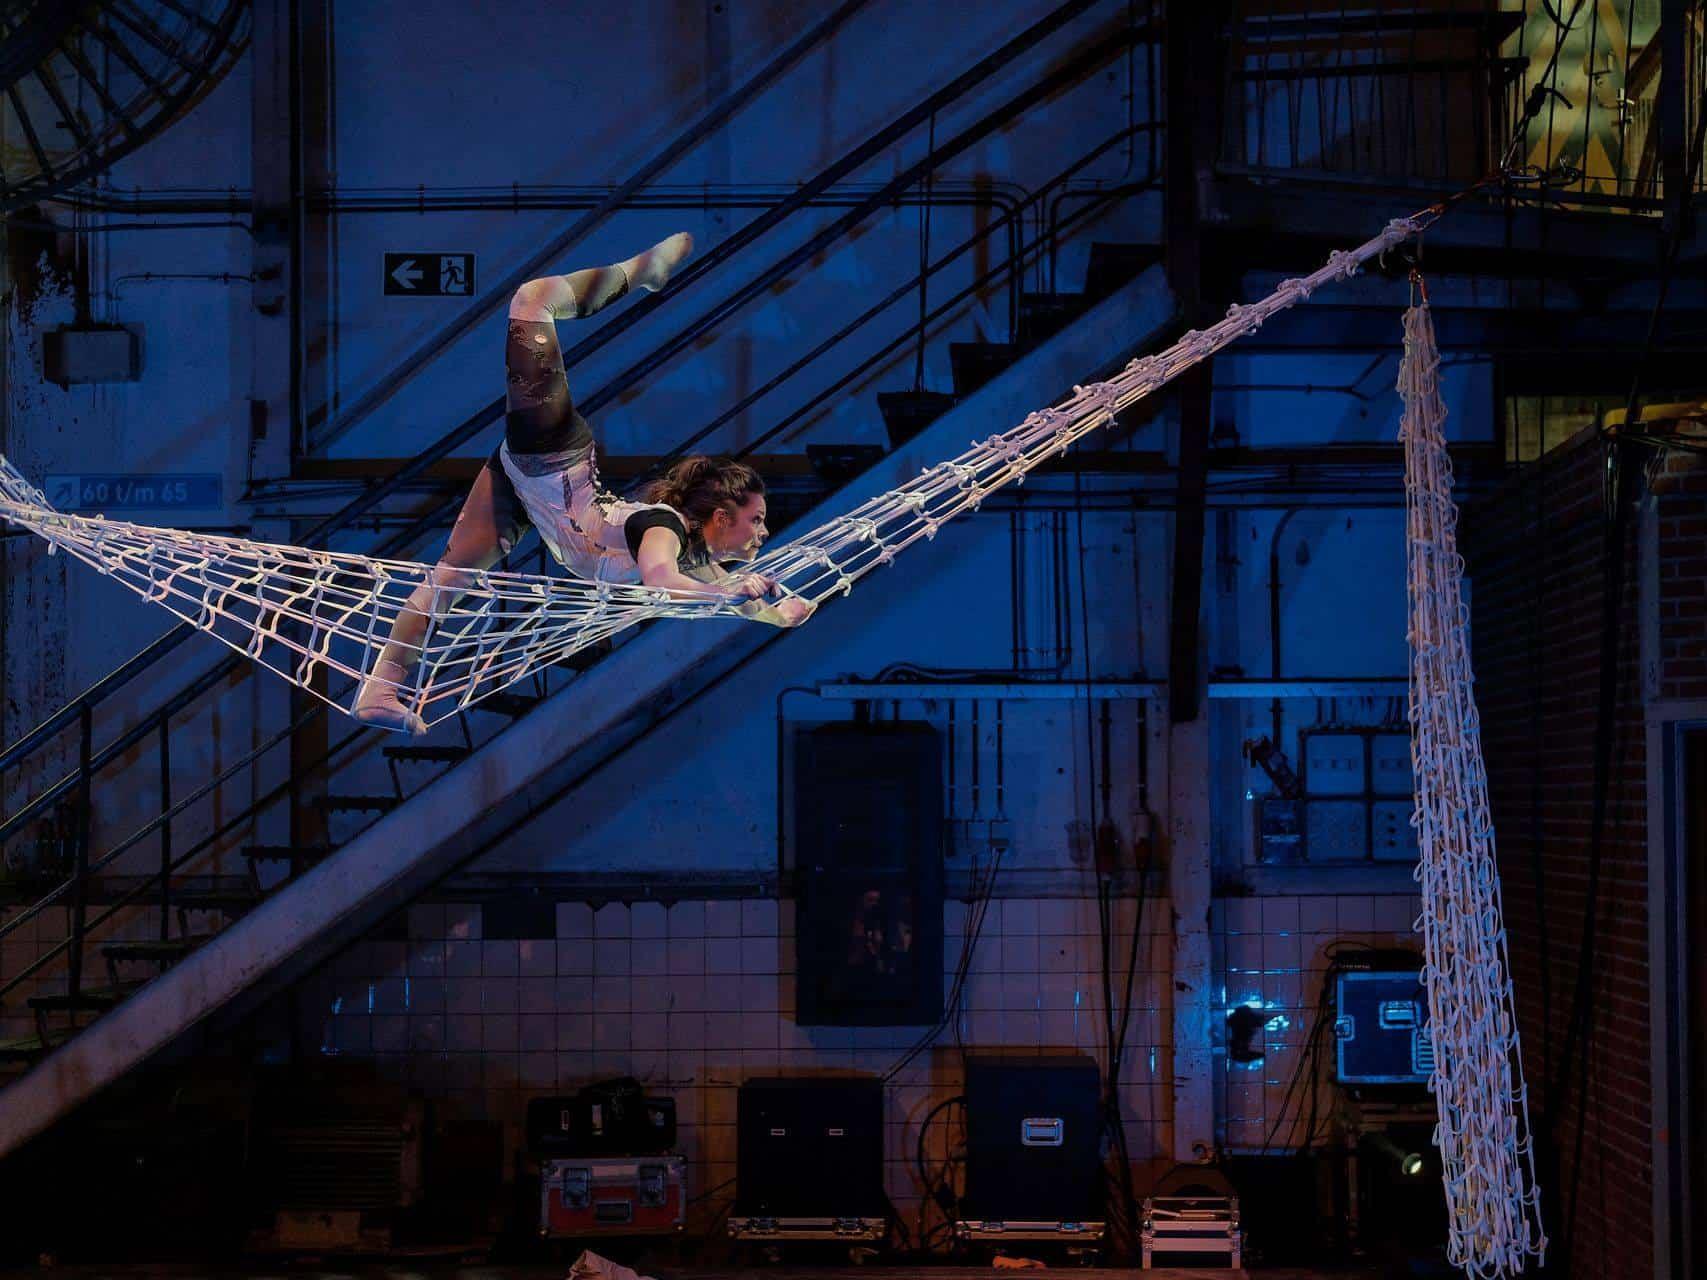 acrobaat - net - artiest